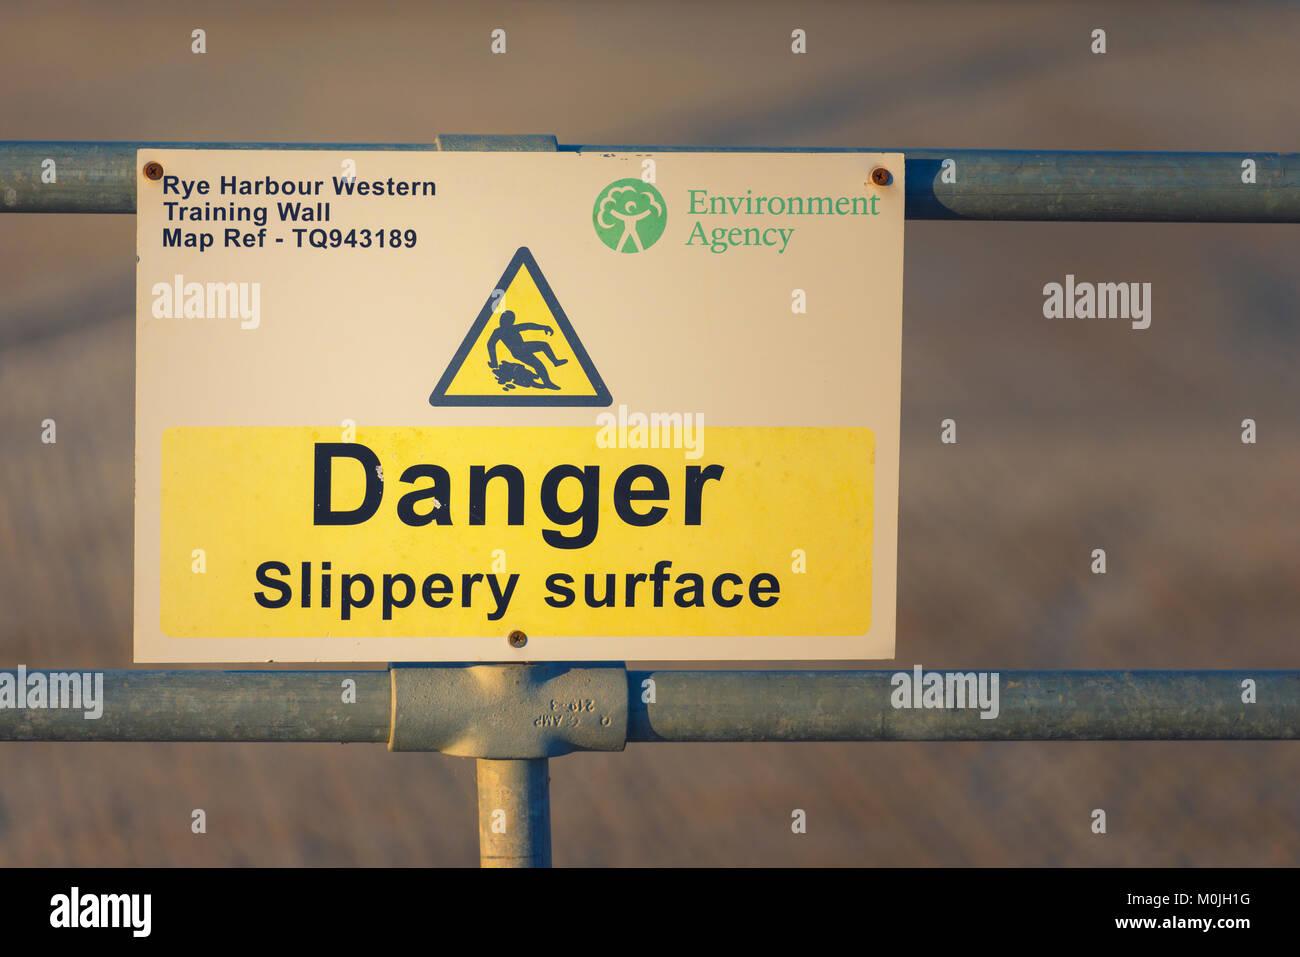 Danger slippery surface - Stock Image